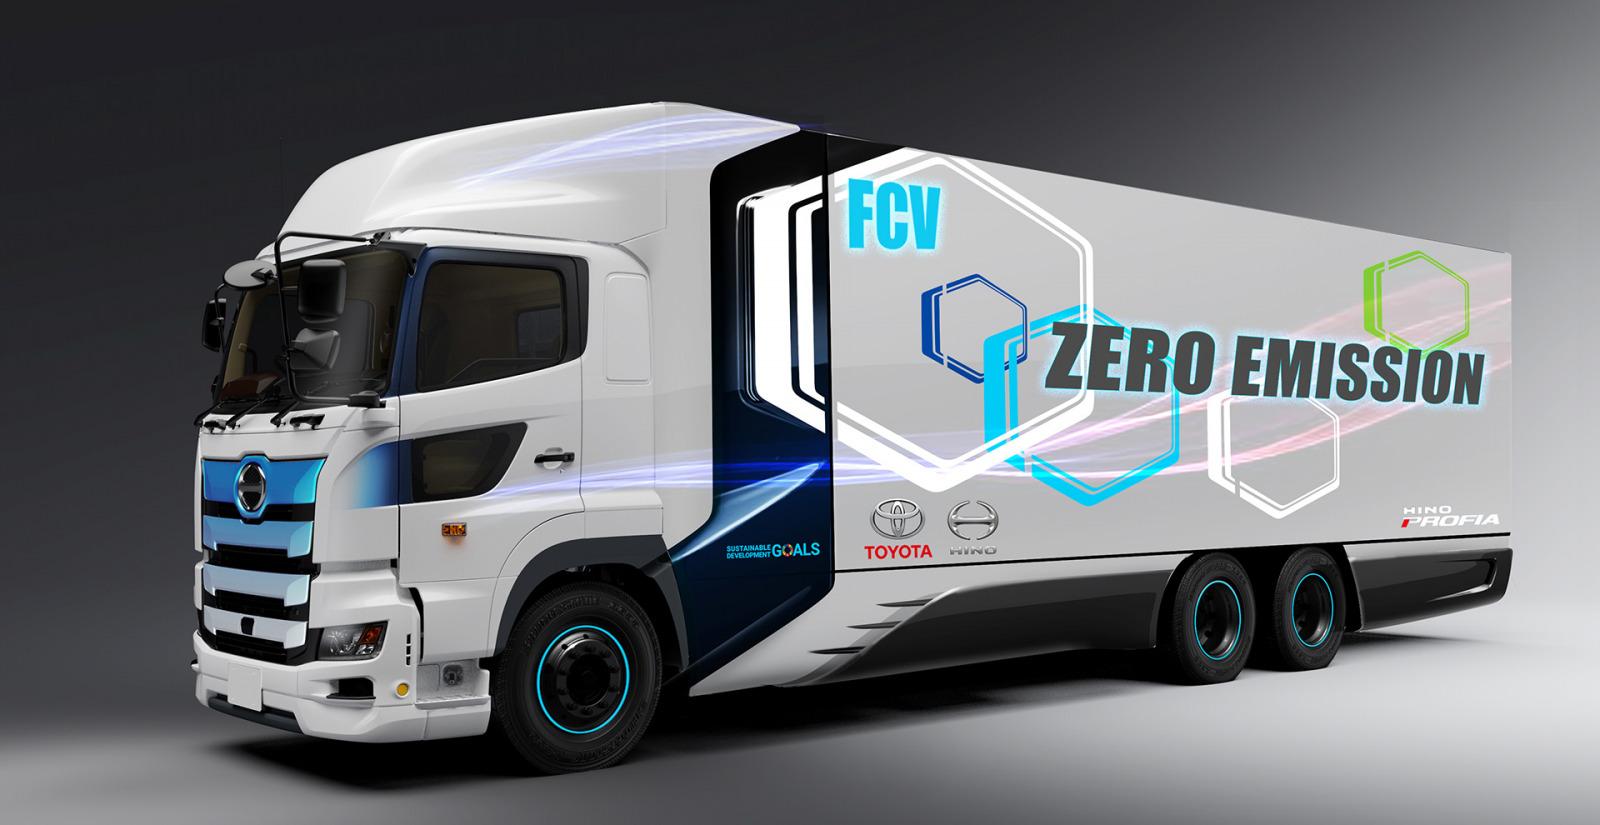 走行時CO2排出量ゼロの燃料電池大型トラックをトヨタと日野自動車が北米で開発 | clicccar.com